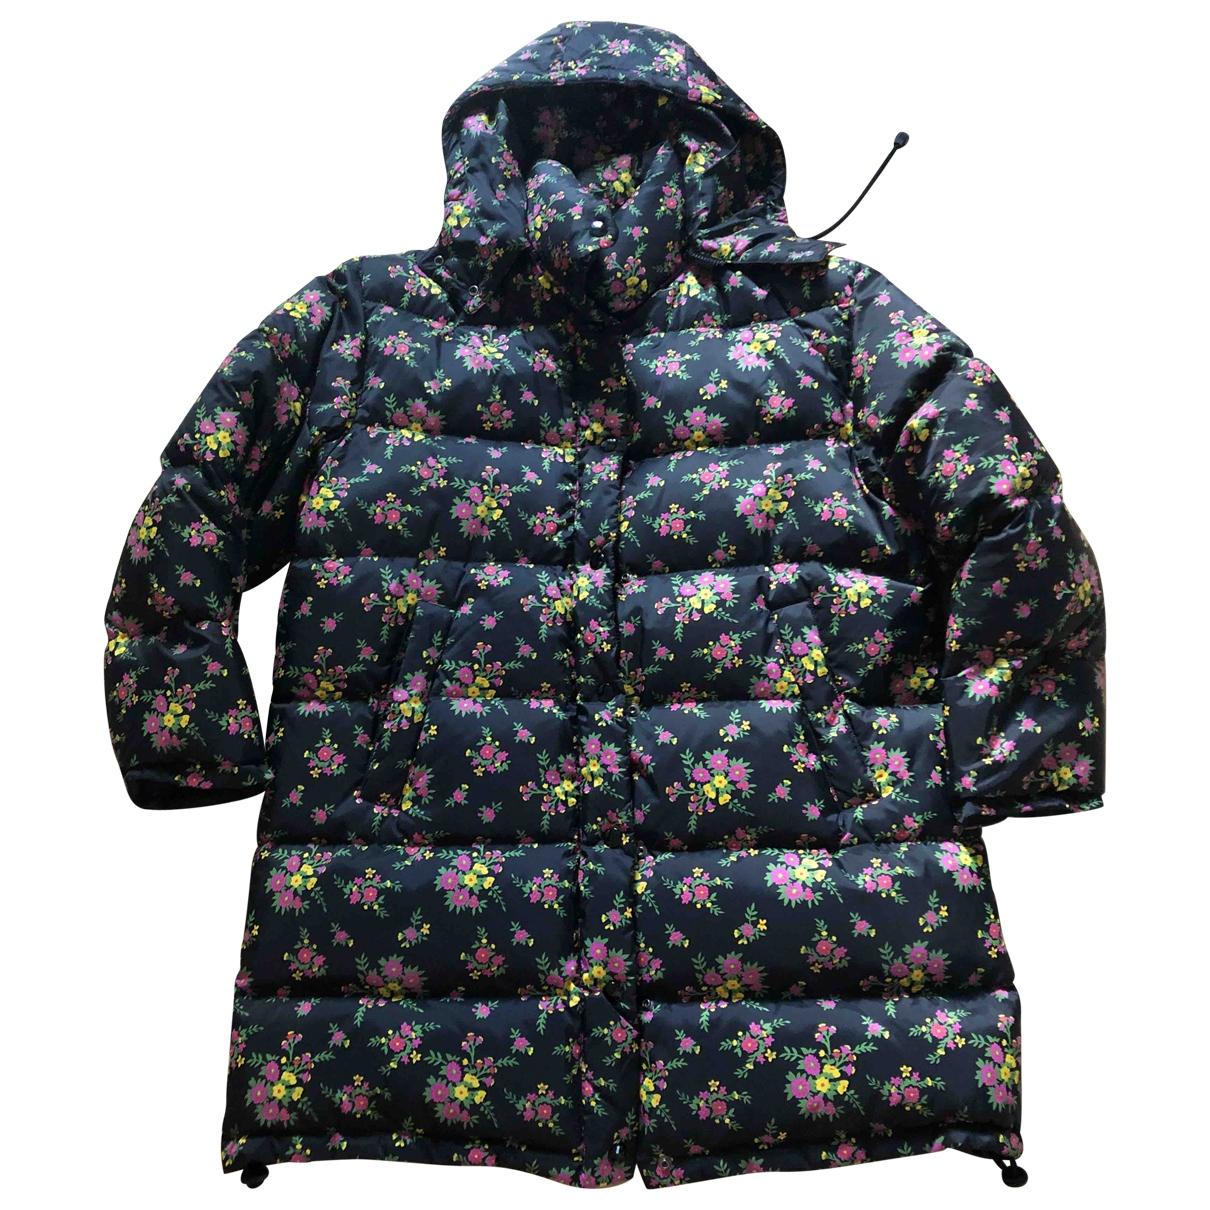 Gucci \N Black jacket for Women 38 IT